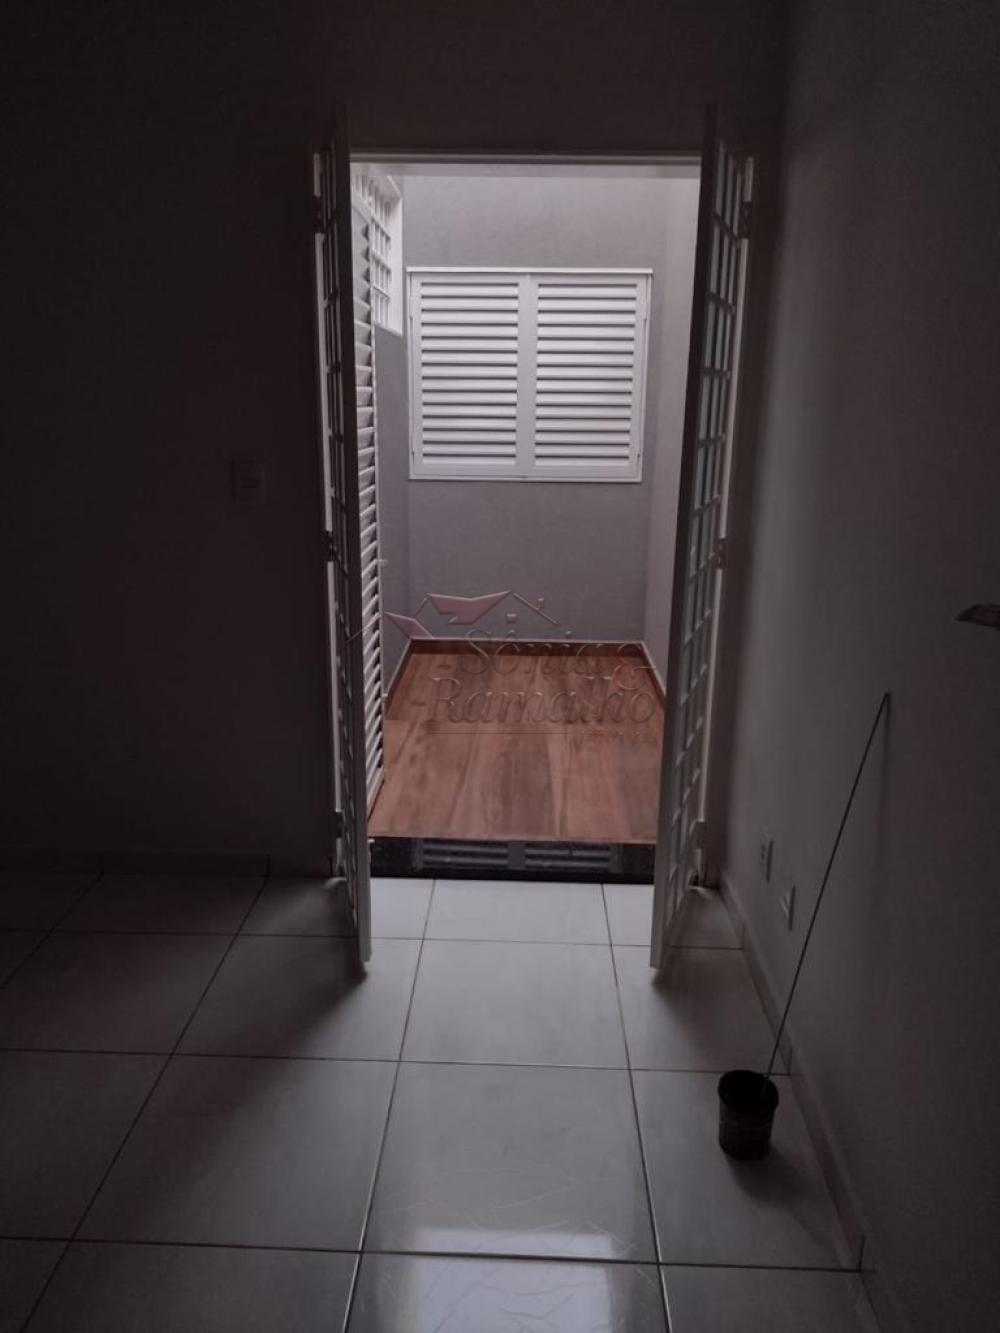 Alugar Casas / Padrão em Ribeirão Preto R$ 2.300,00 - Foto 11